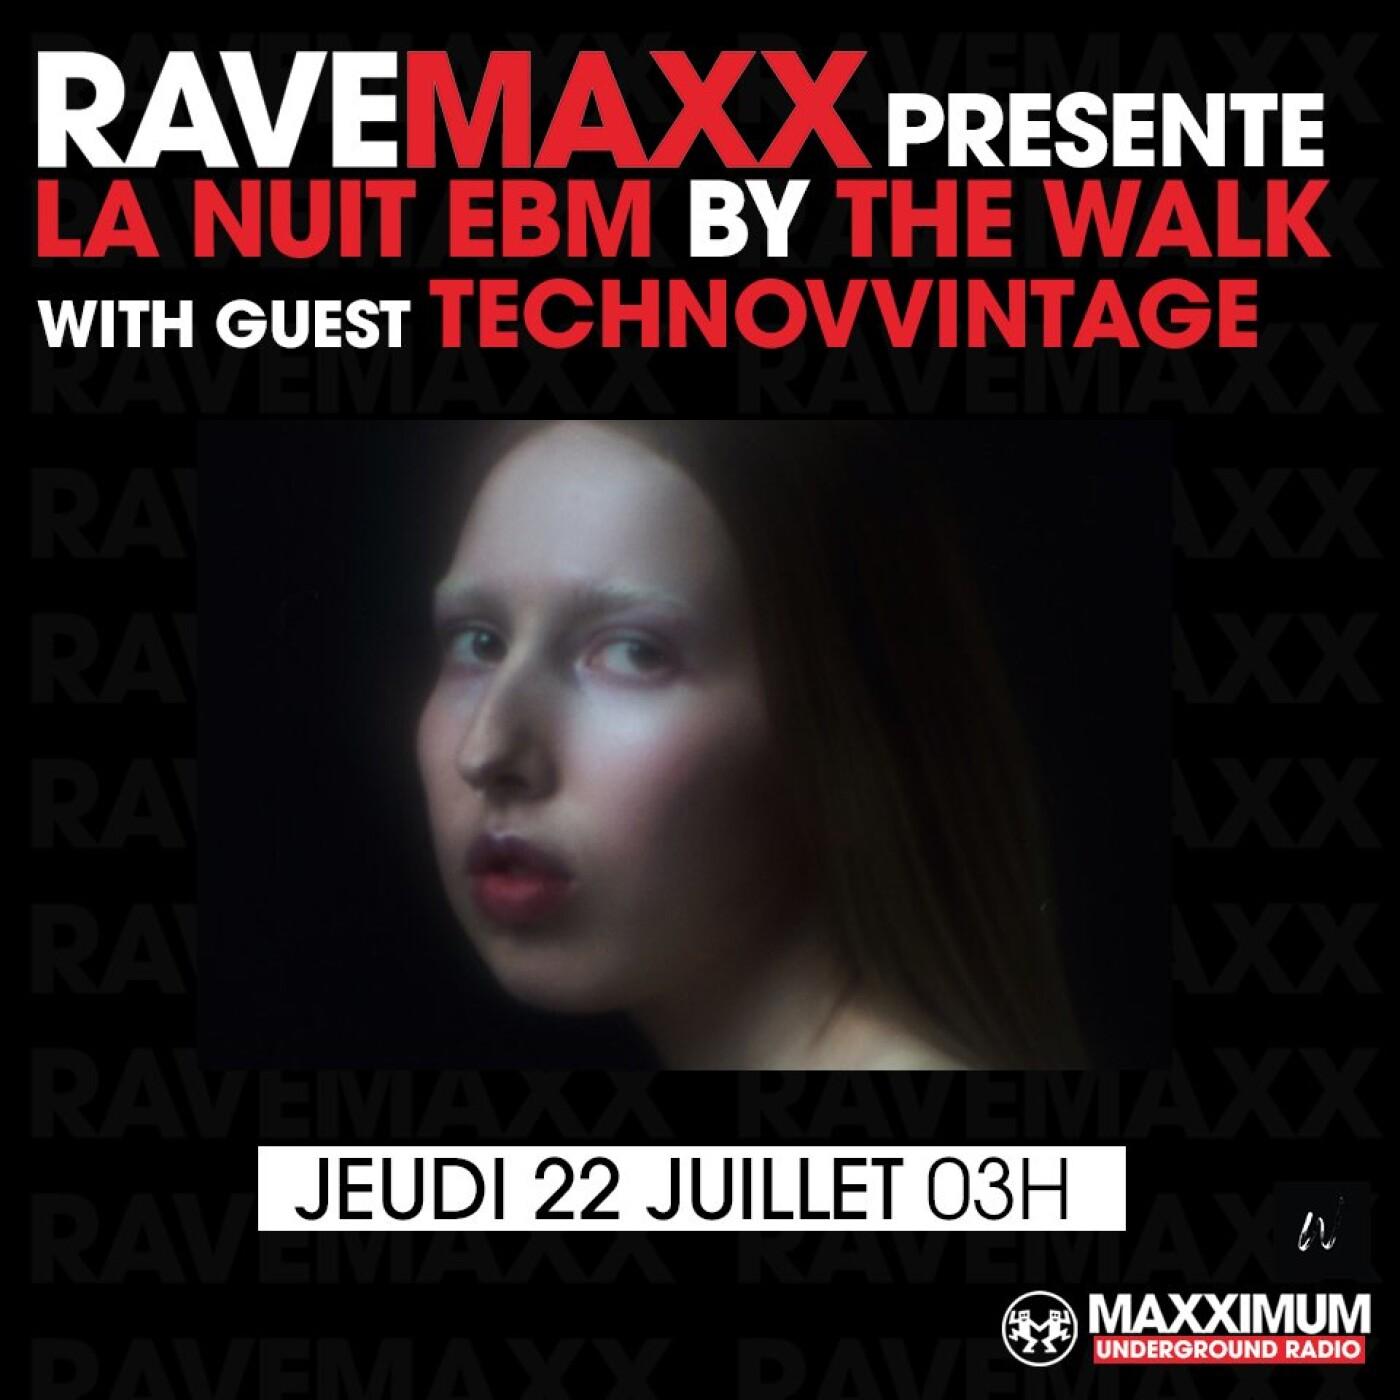 RAVEMAXX : TECHNOVINTAGE